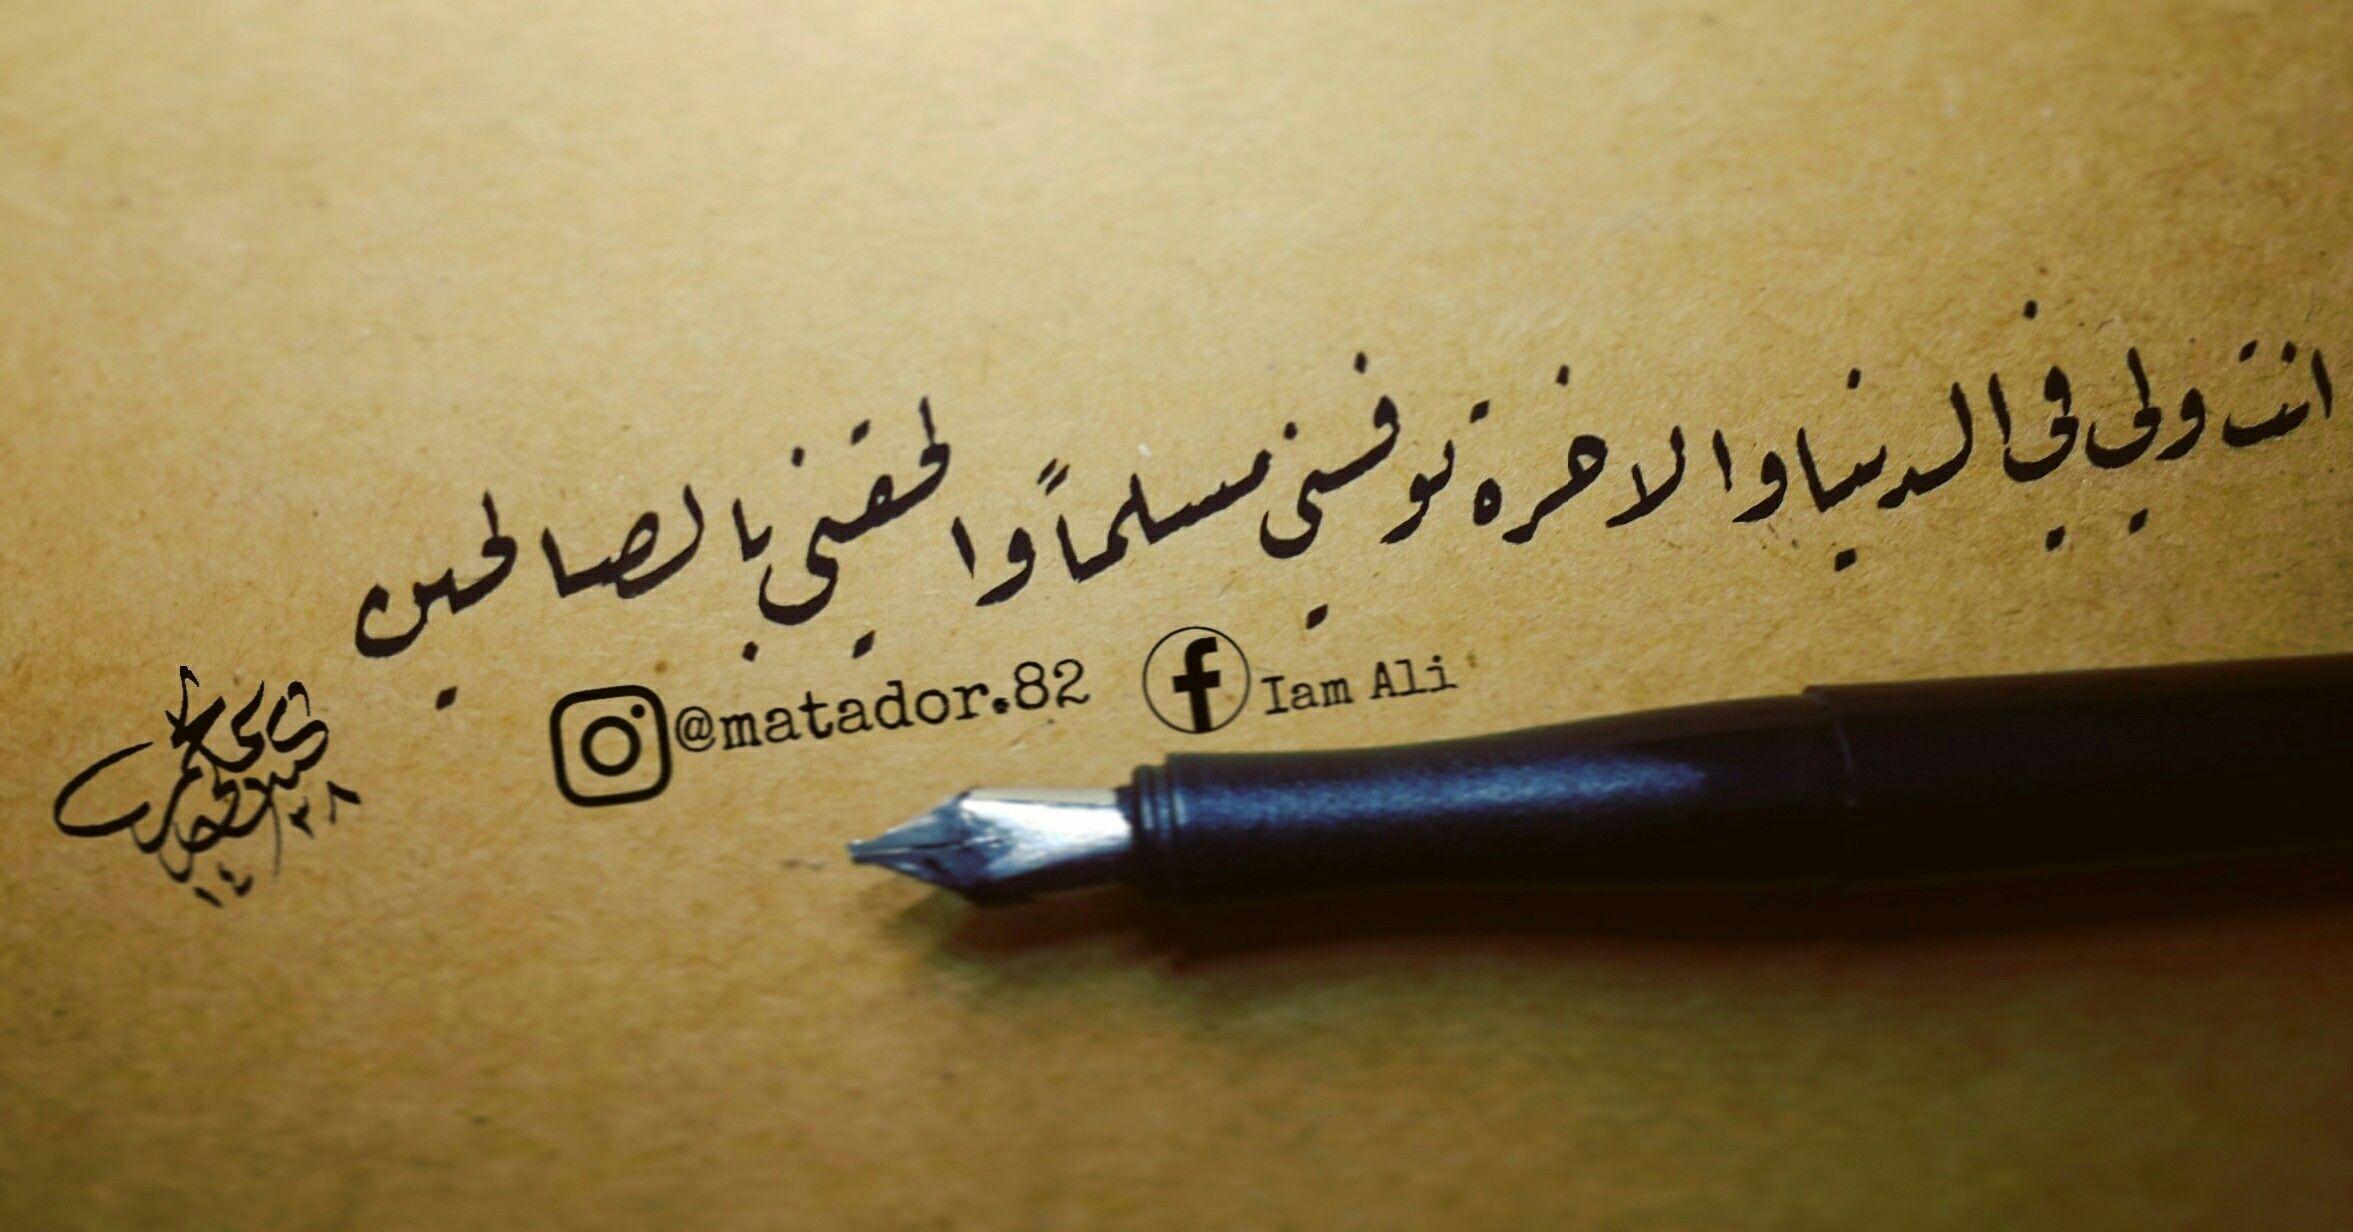 انت ولي في الدنيا والآخرة خطي العراق خط عربي بغداد Calligraphy Calligraphy I Arabic Calligraphy